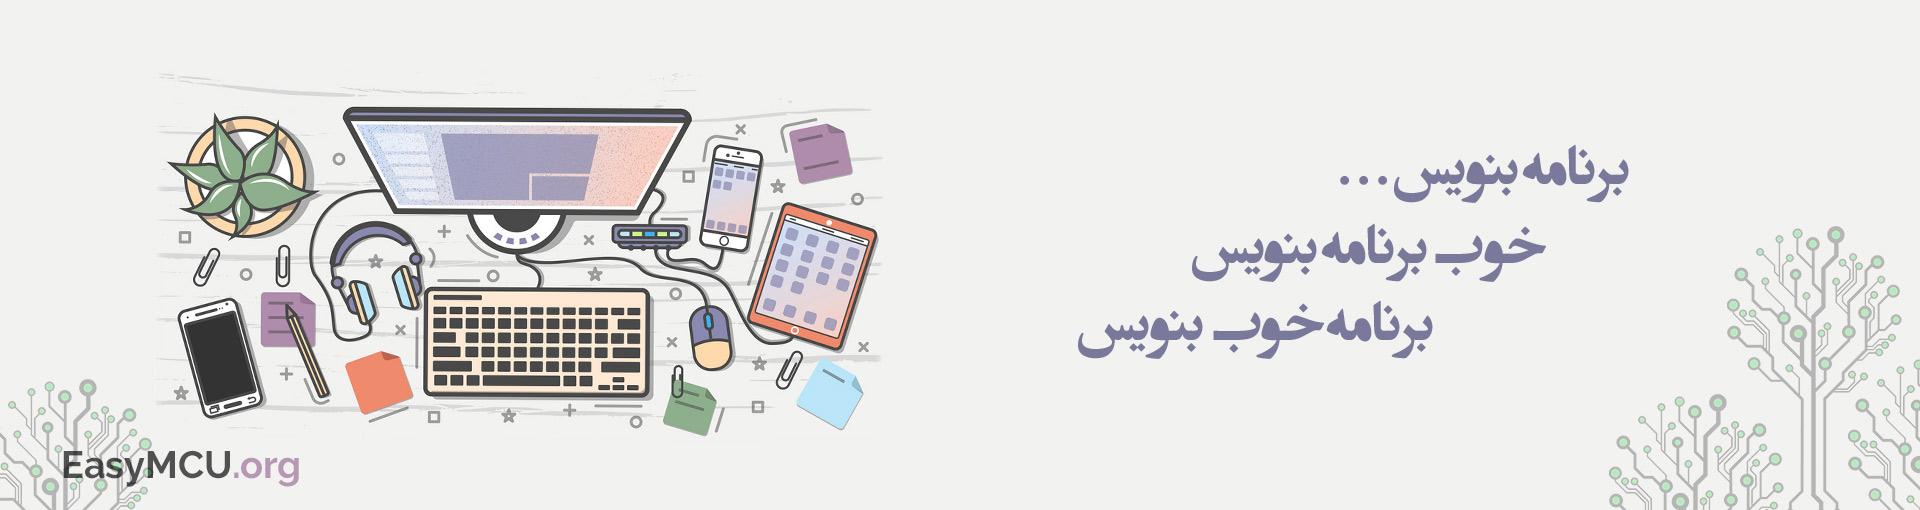 easymcu.org